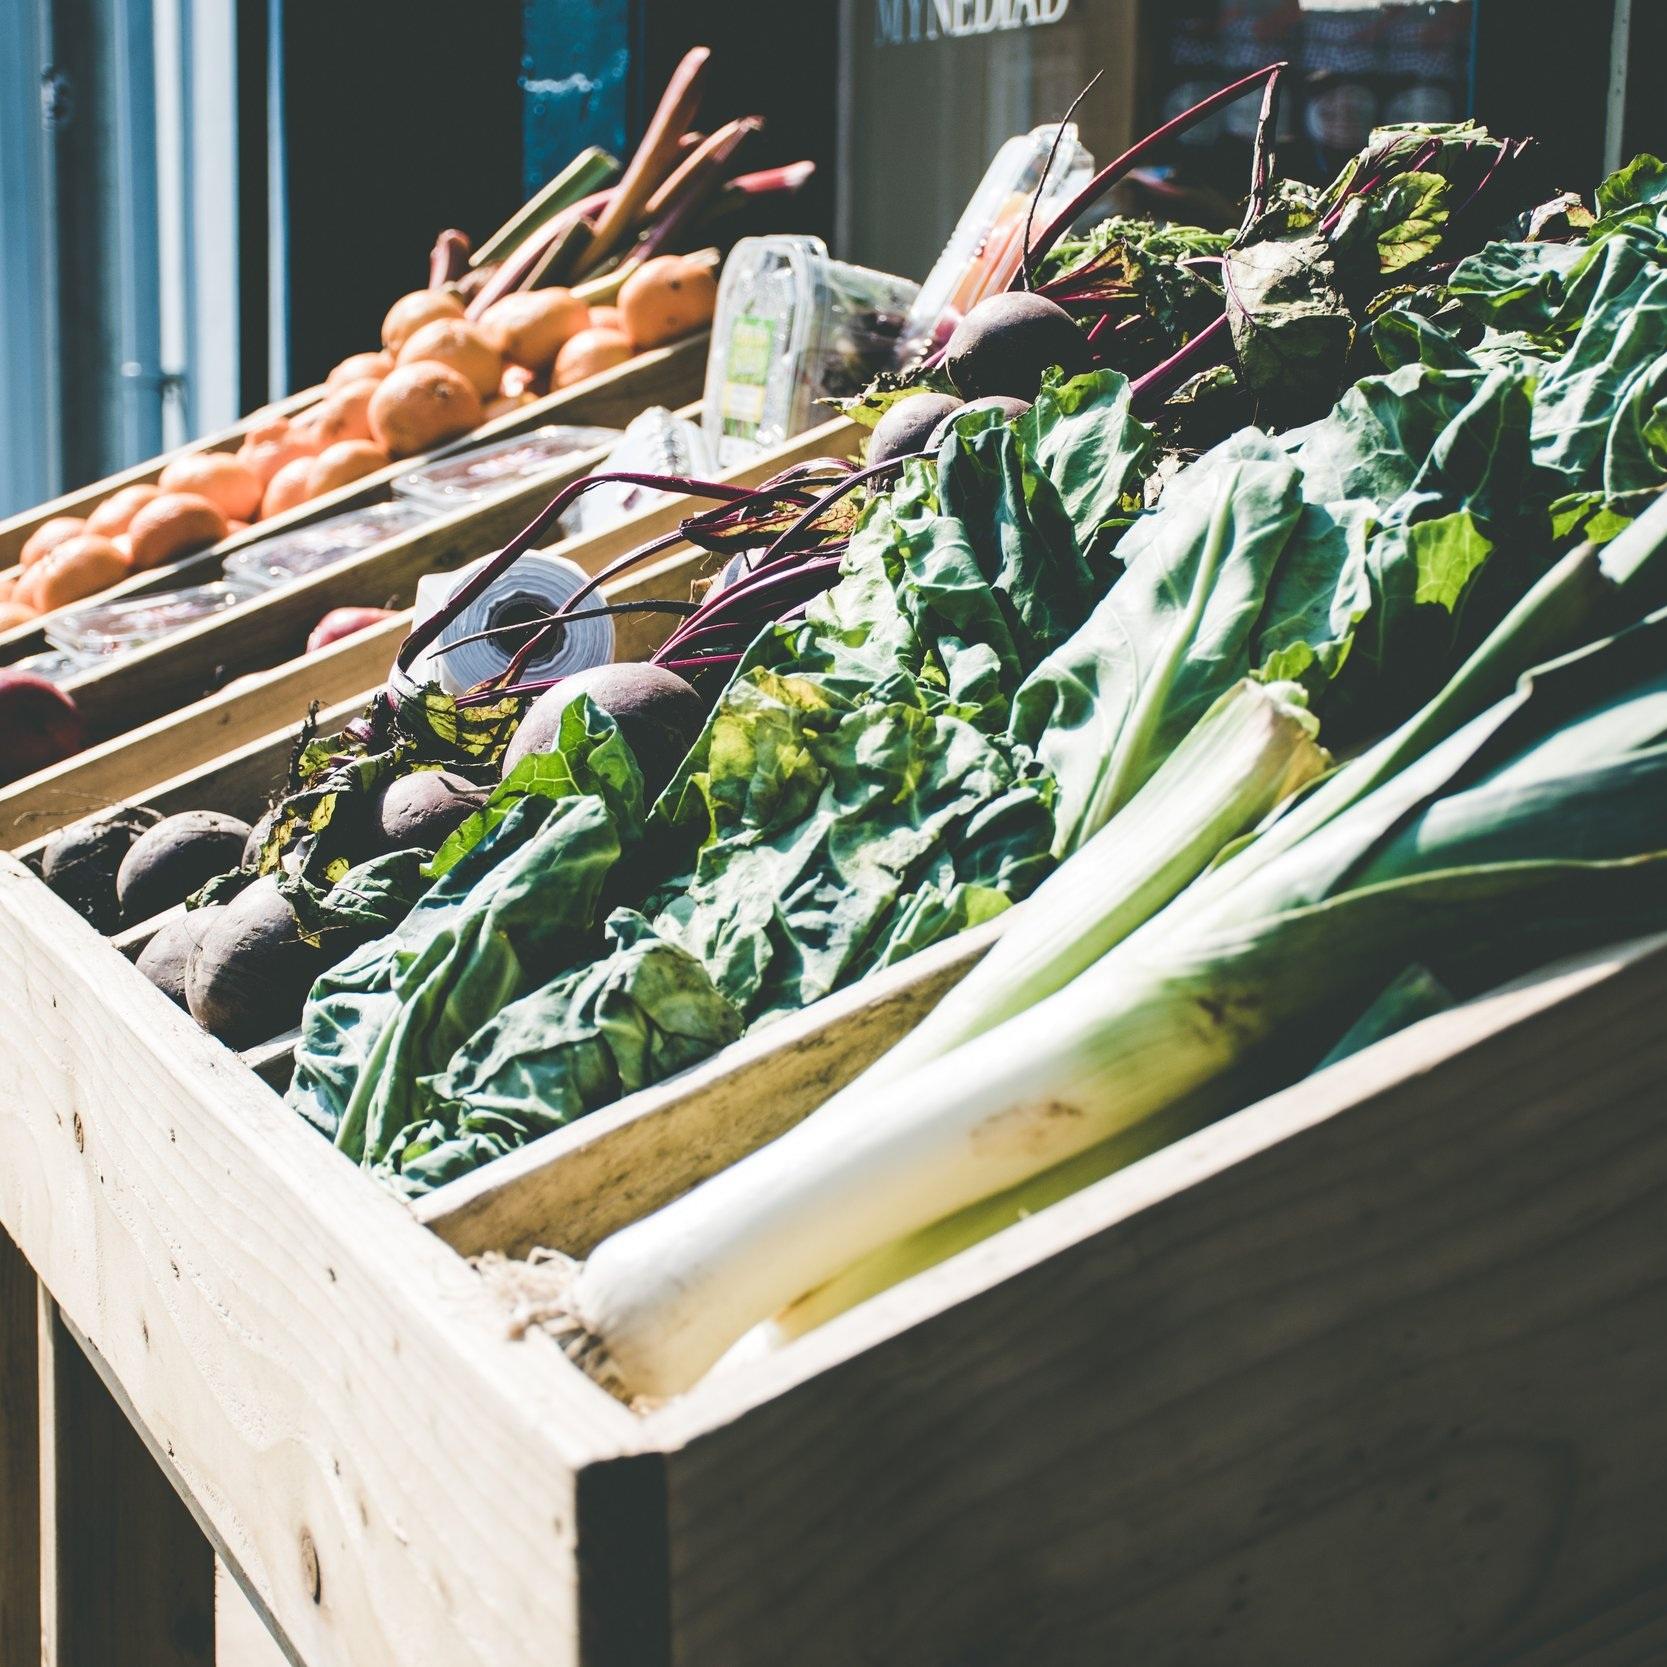 food-ingredients-market-109277.jpg